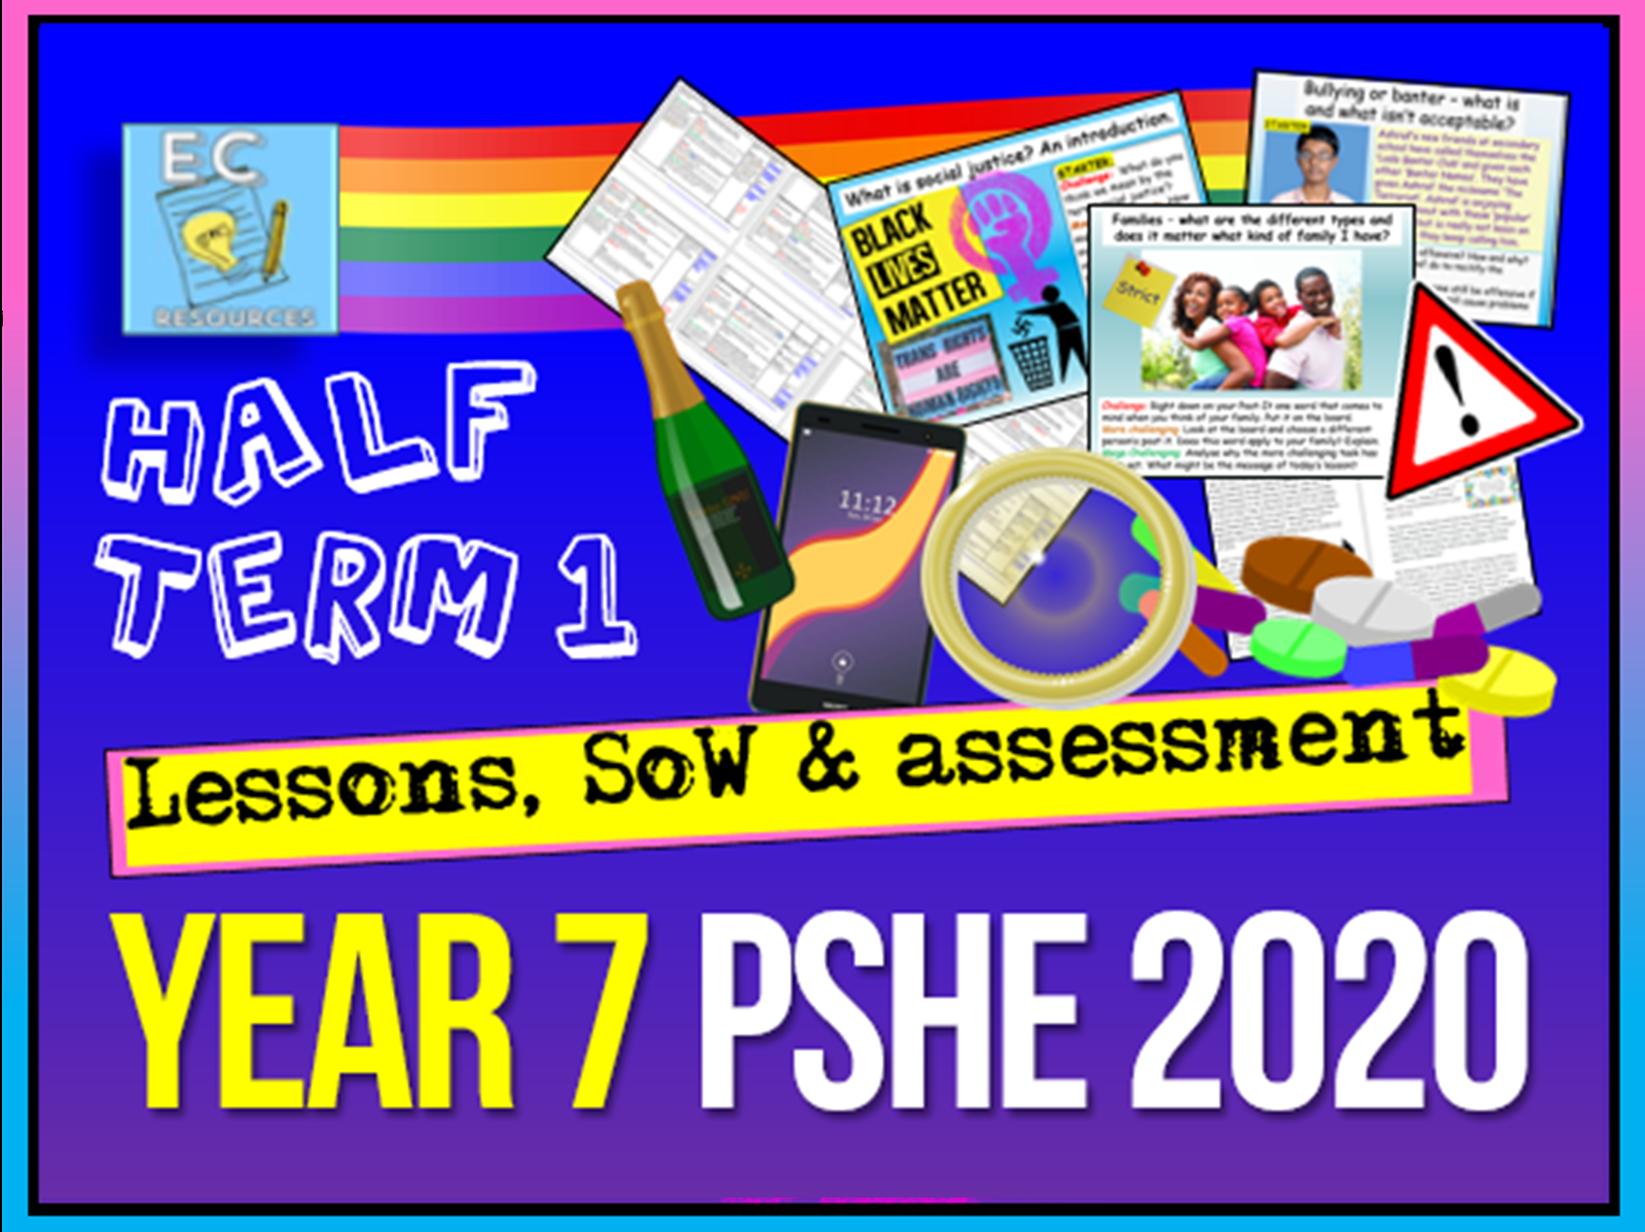 Year 7 PSHE 2020